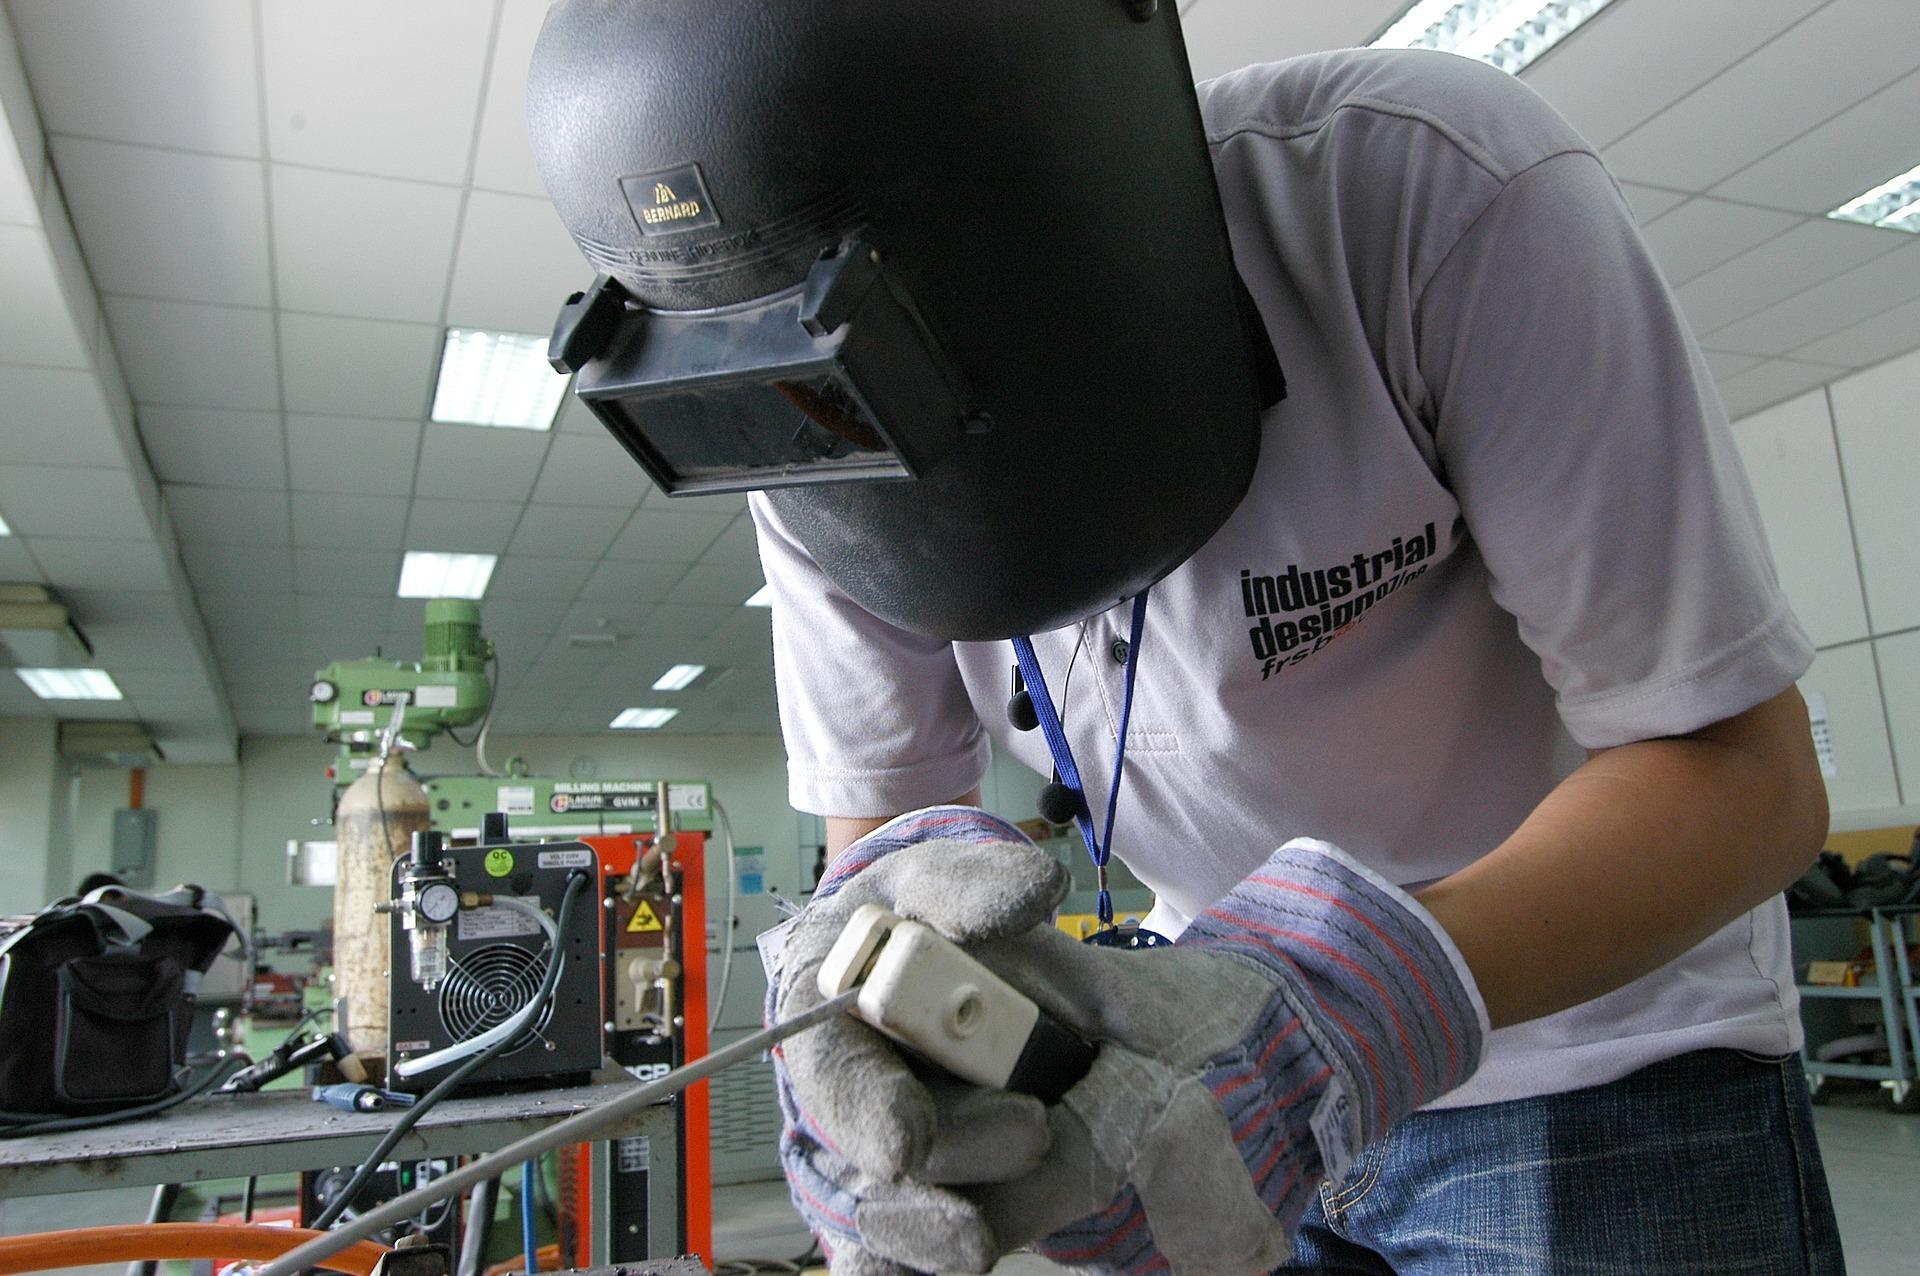 Rund 40 Prozent der Jungs in Deutschland würden gerne als Industriemechaniker, Automechaniker oder Ingenieur arbeiten.